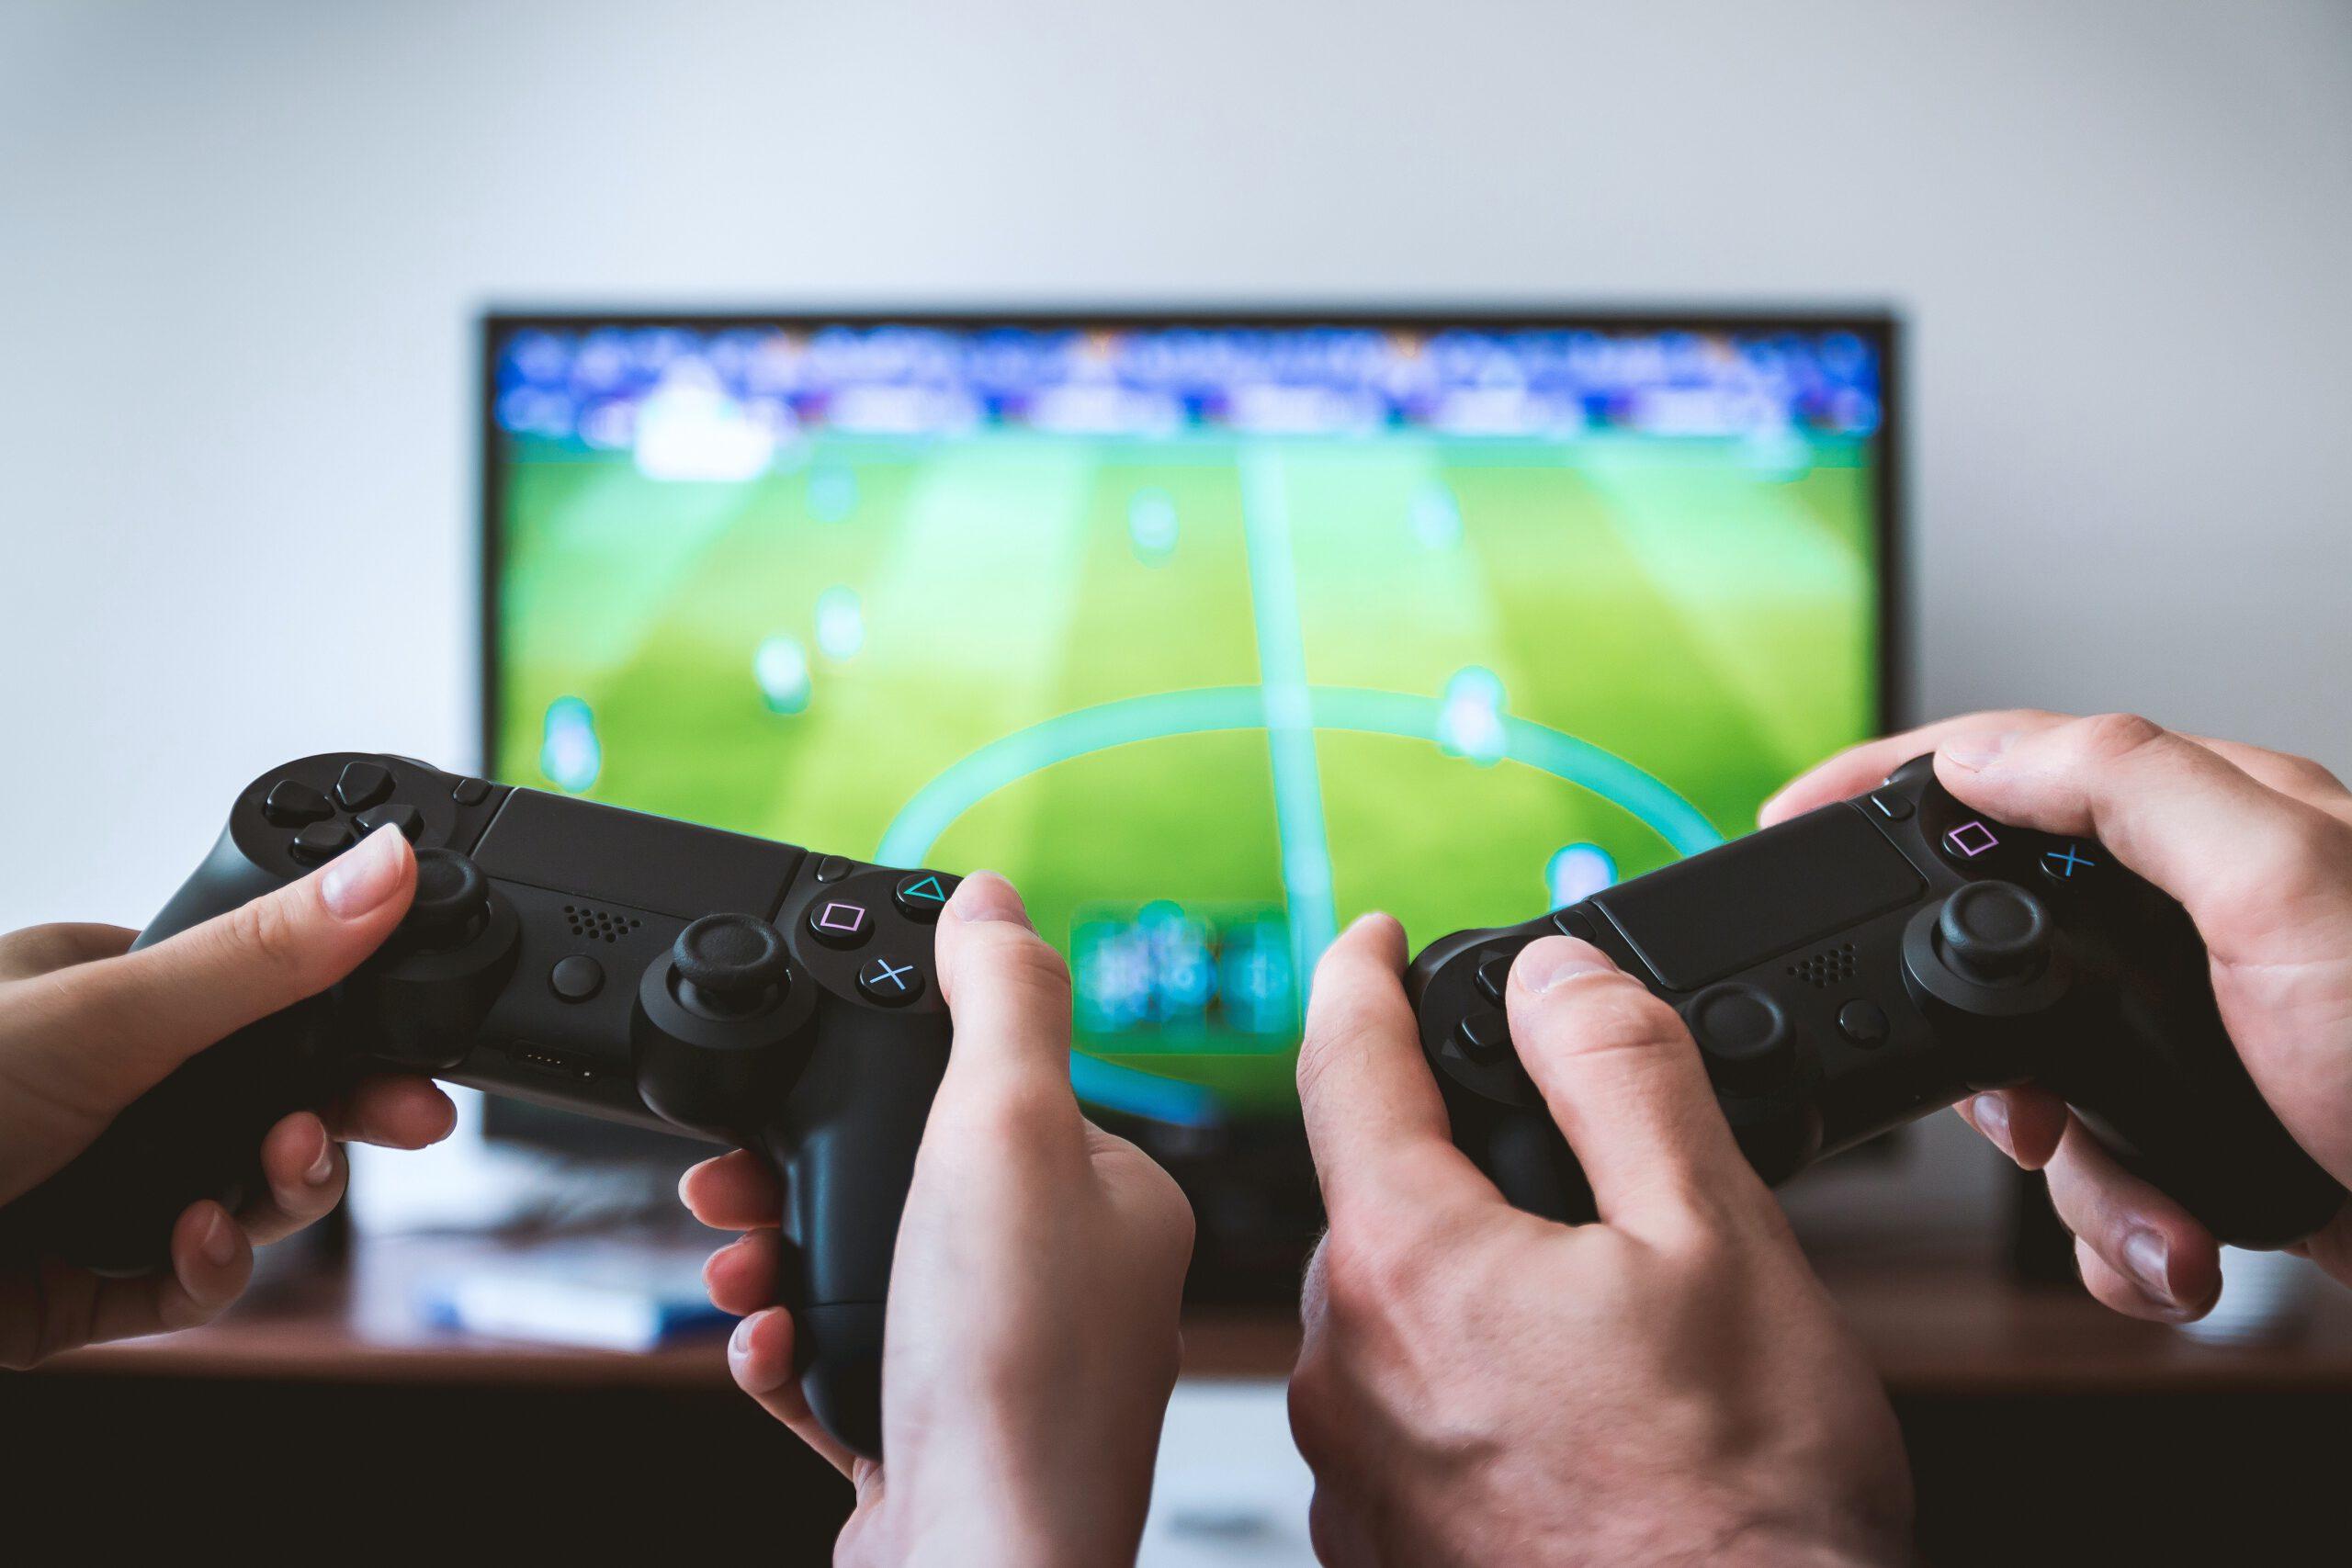 Nuoret eivät puhu kaikesta pelimaailmassa kohtaamastaan syrjinnästä aikuisille – vanhemmat kaipaavat apuvälineitä keskusteluun